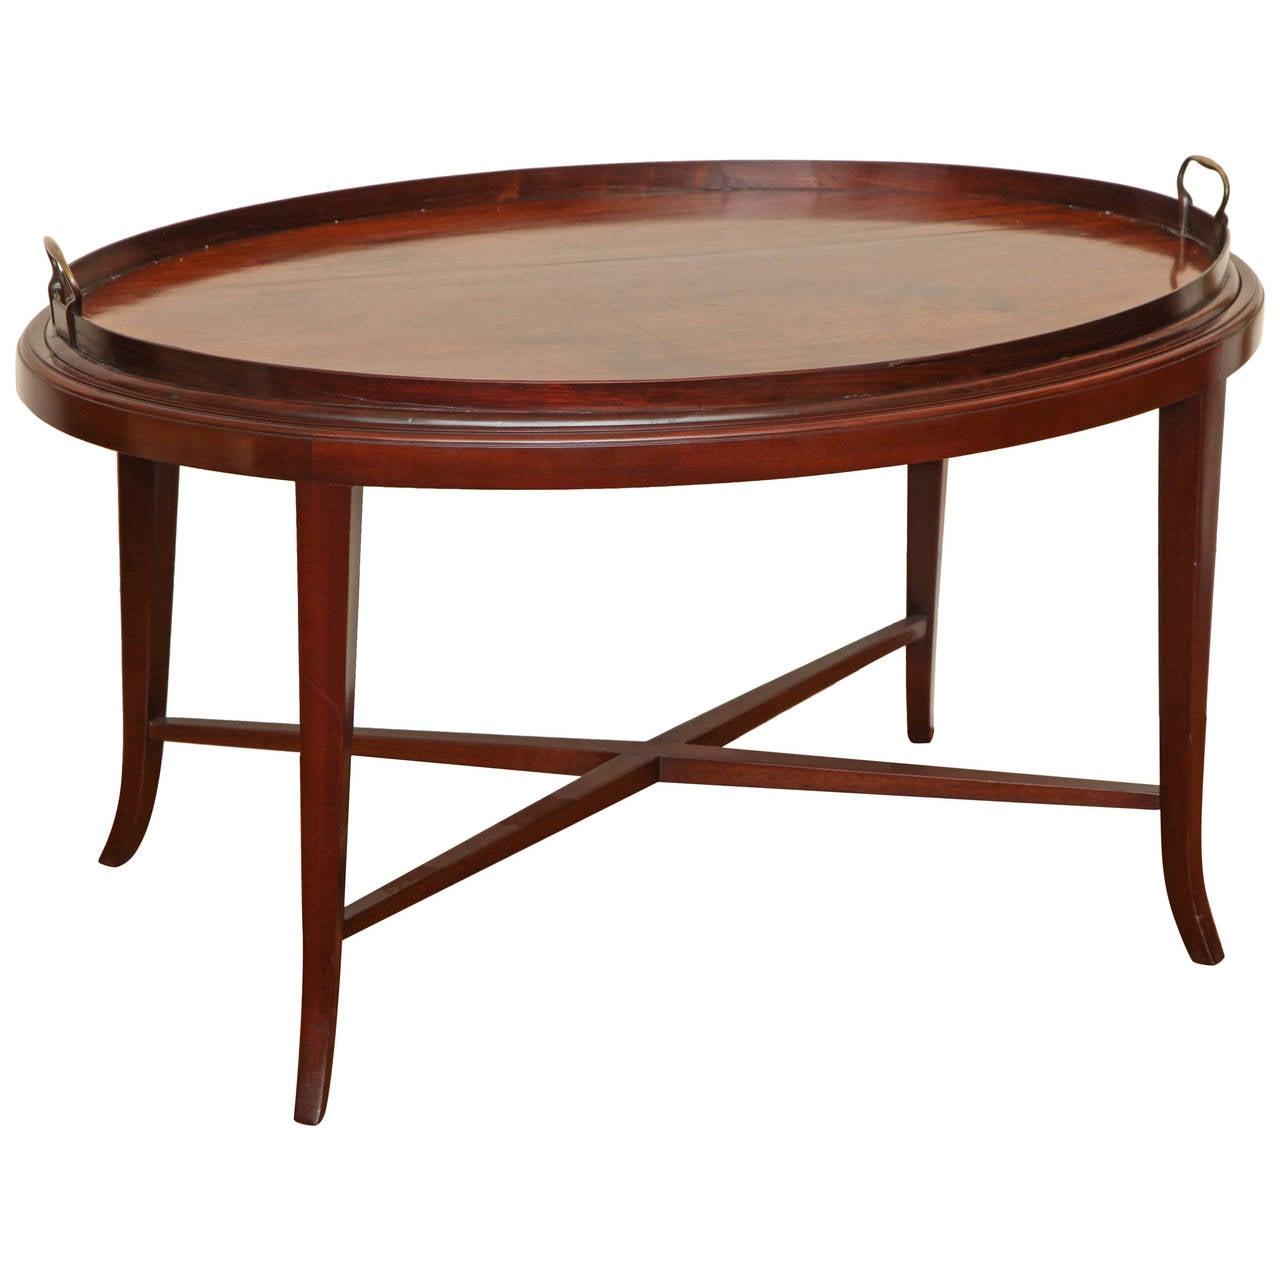 english edwardian oval mahogany tray table at stdibs - english edwardian oval mahogany tray table